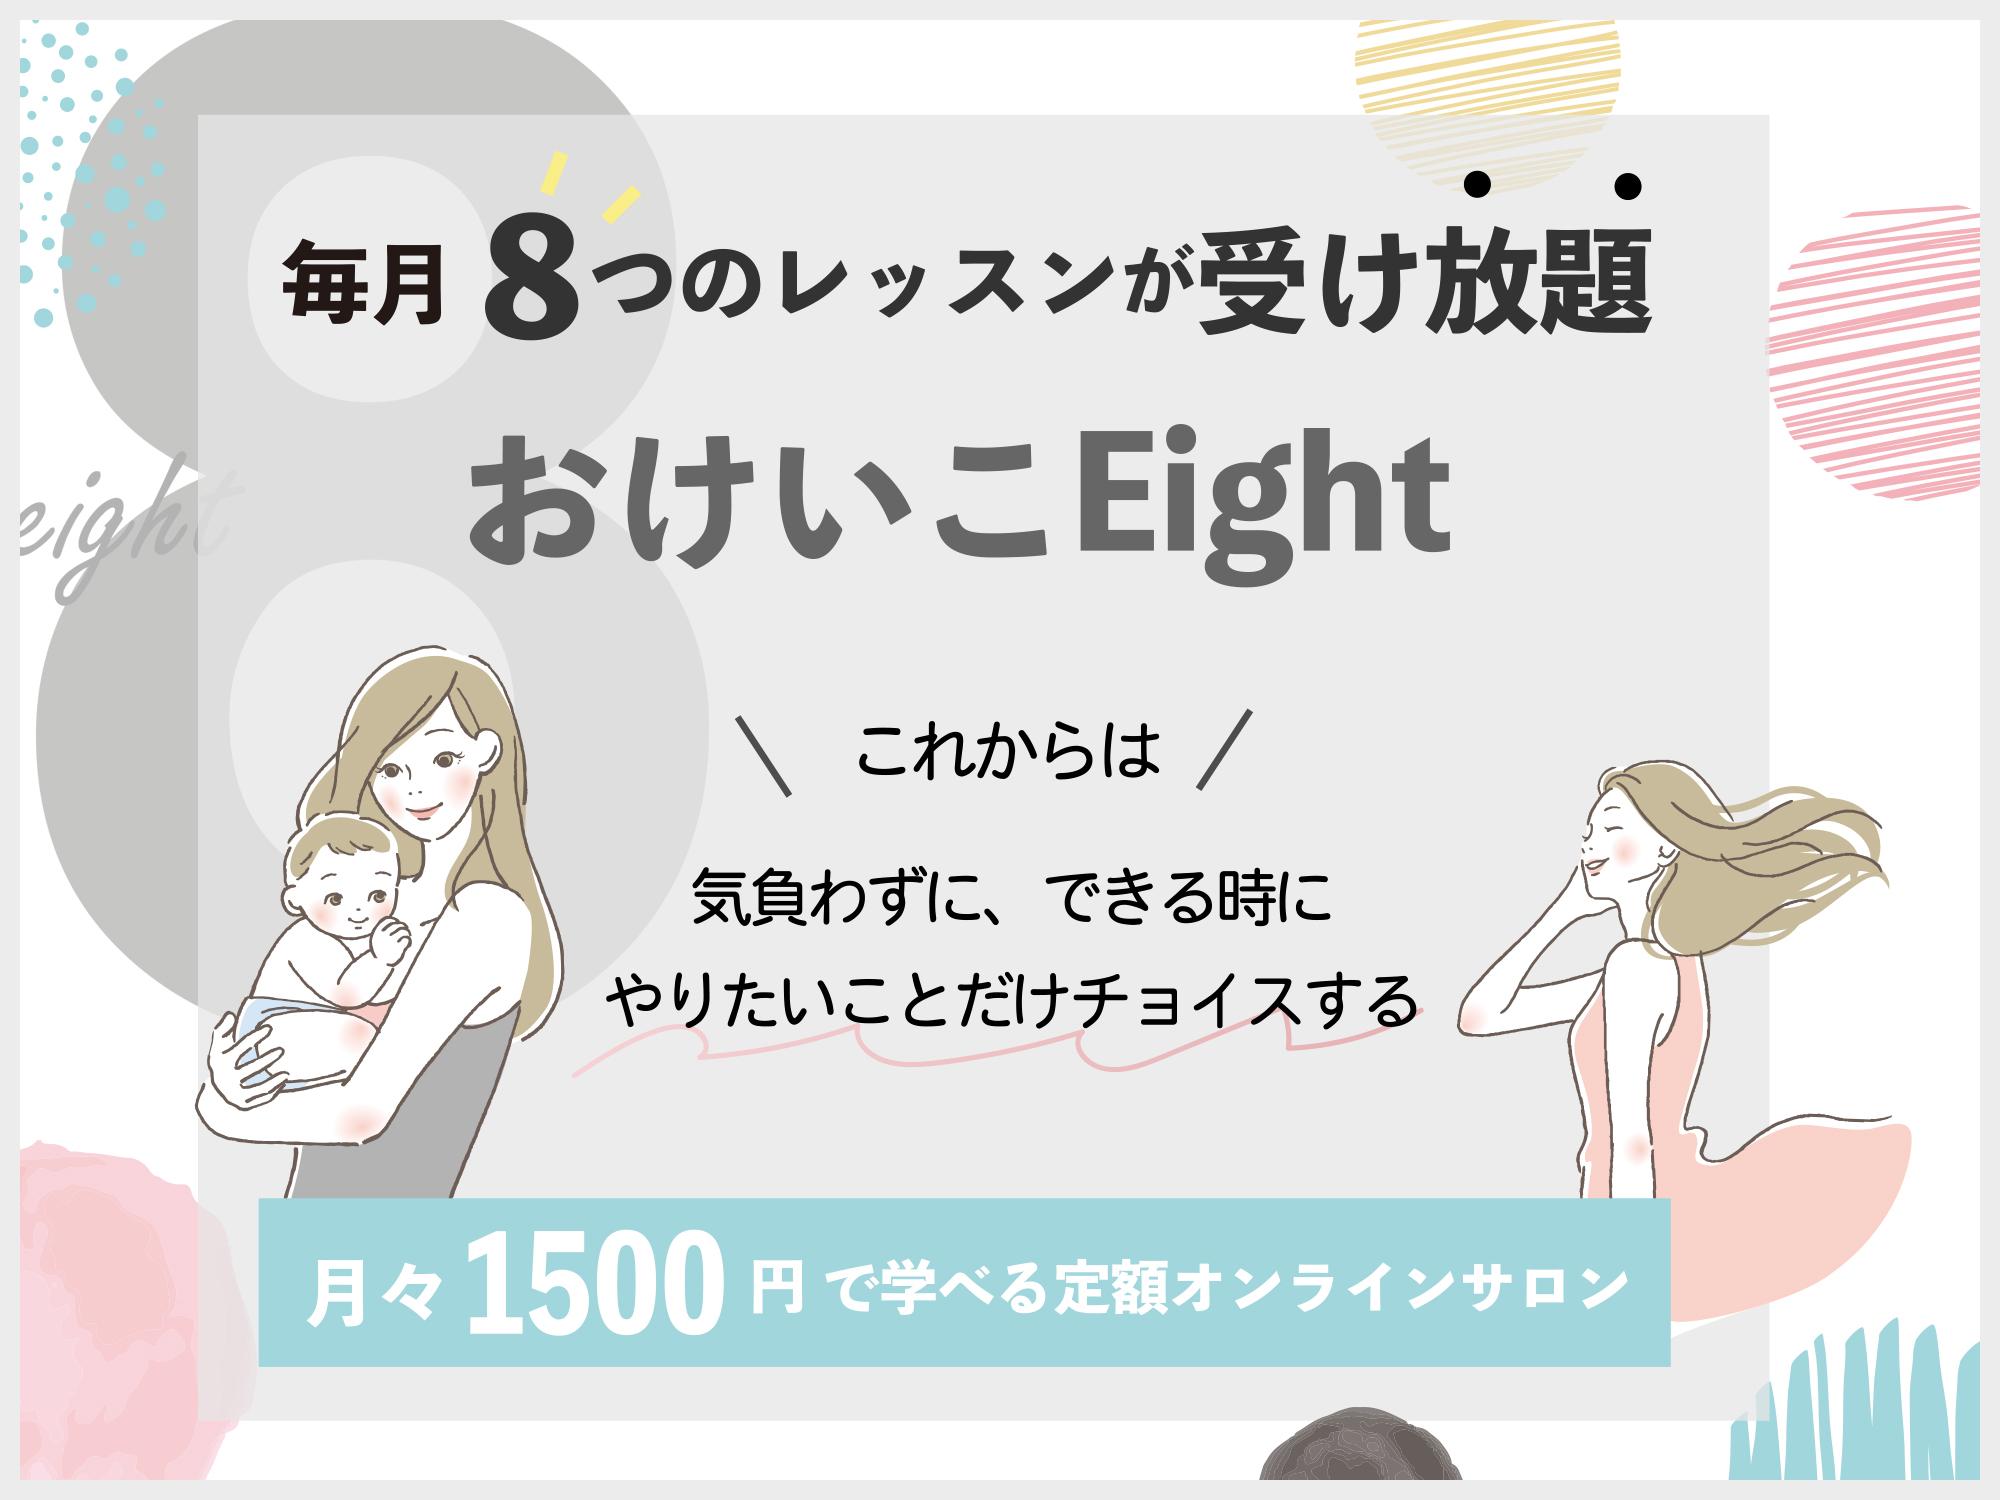 オンライン習い事 おけいこ8|おけいこ.com